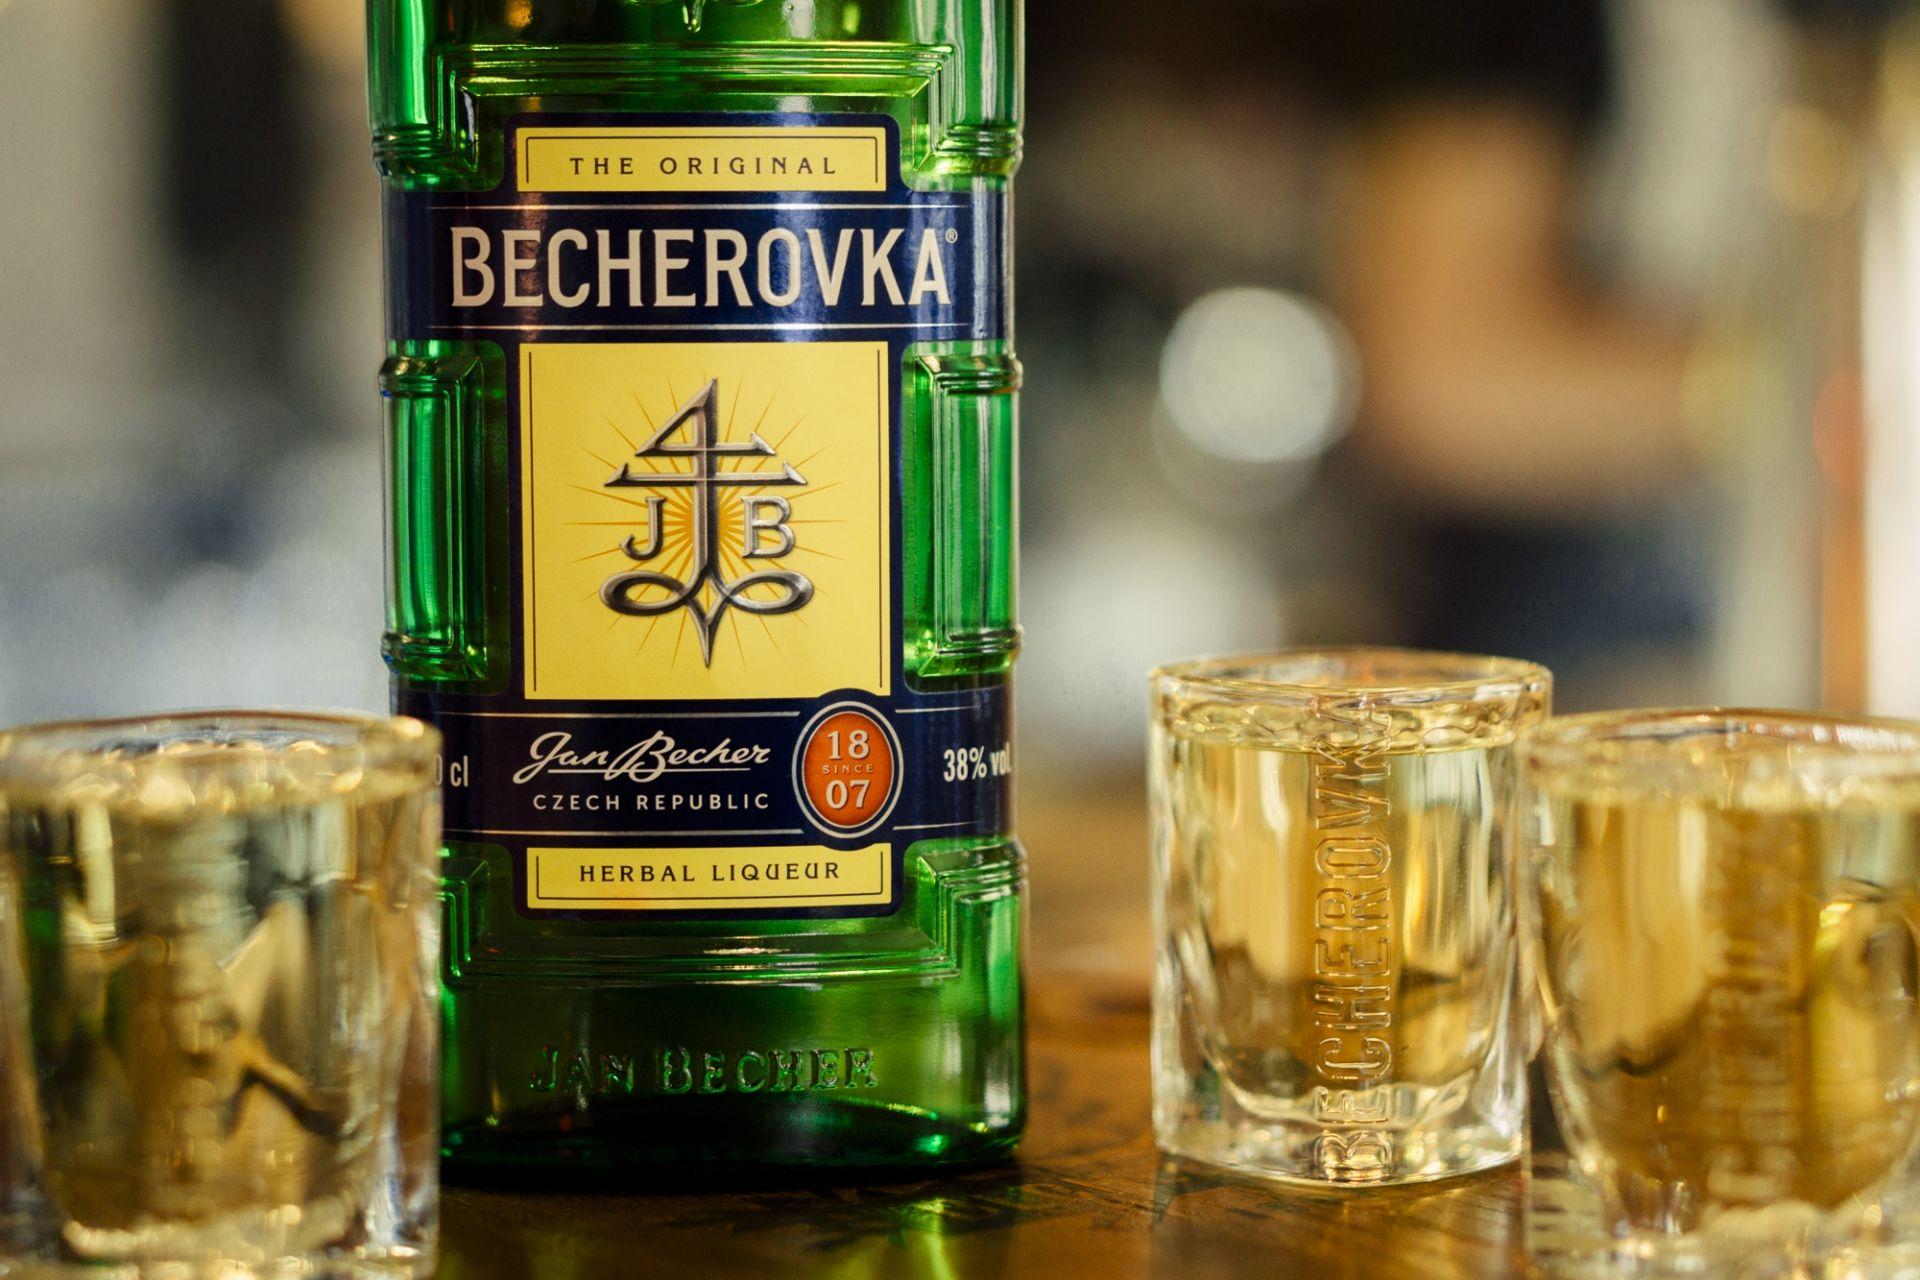 Josef Becher – the man behind Czech Republic's iconic liqueur